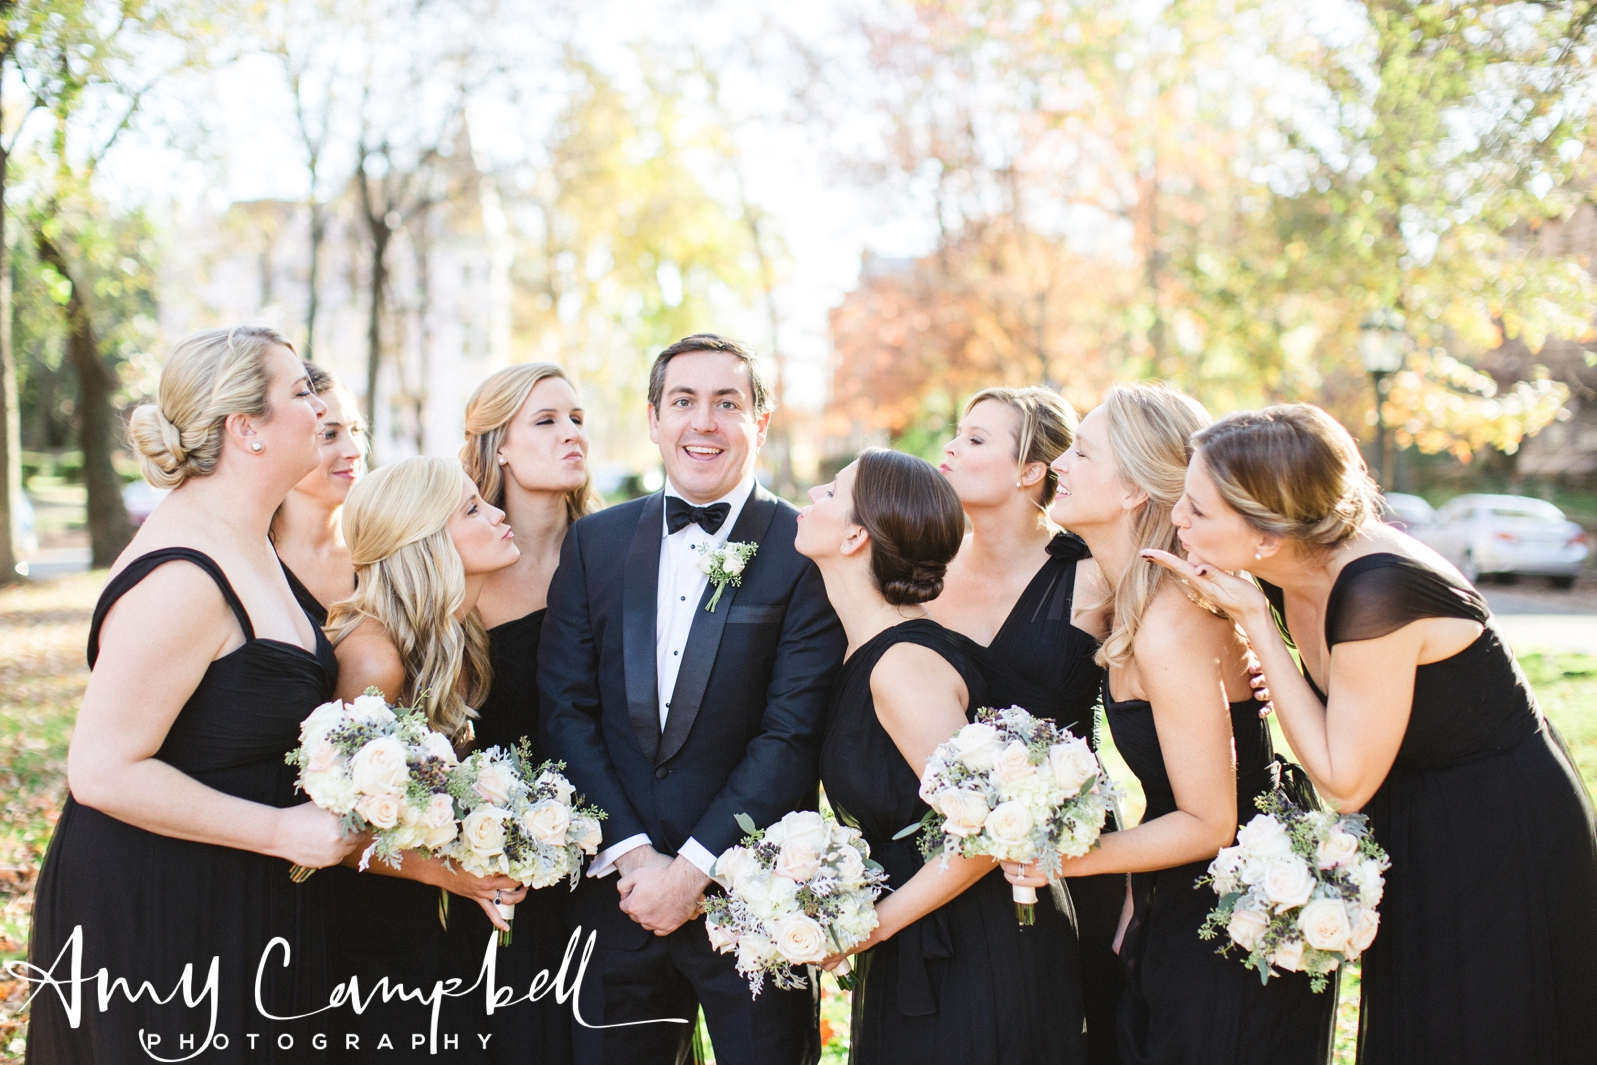 emmakyle_wedding_fb_amycampbellphotography_0027.jpg